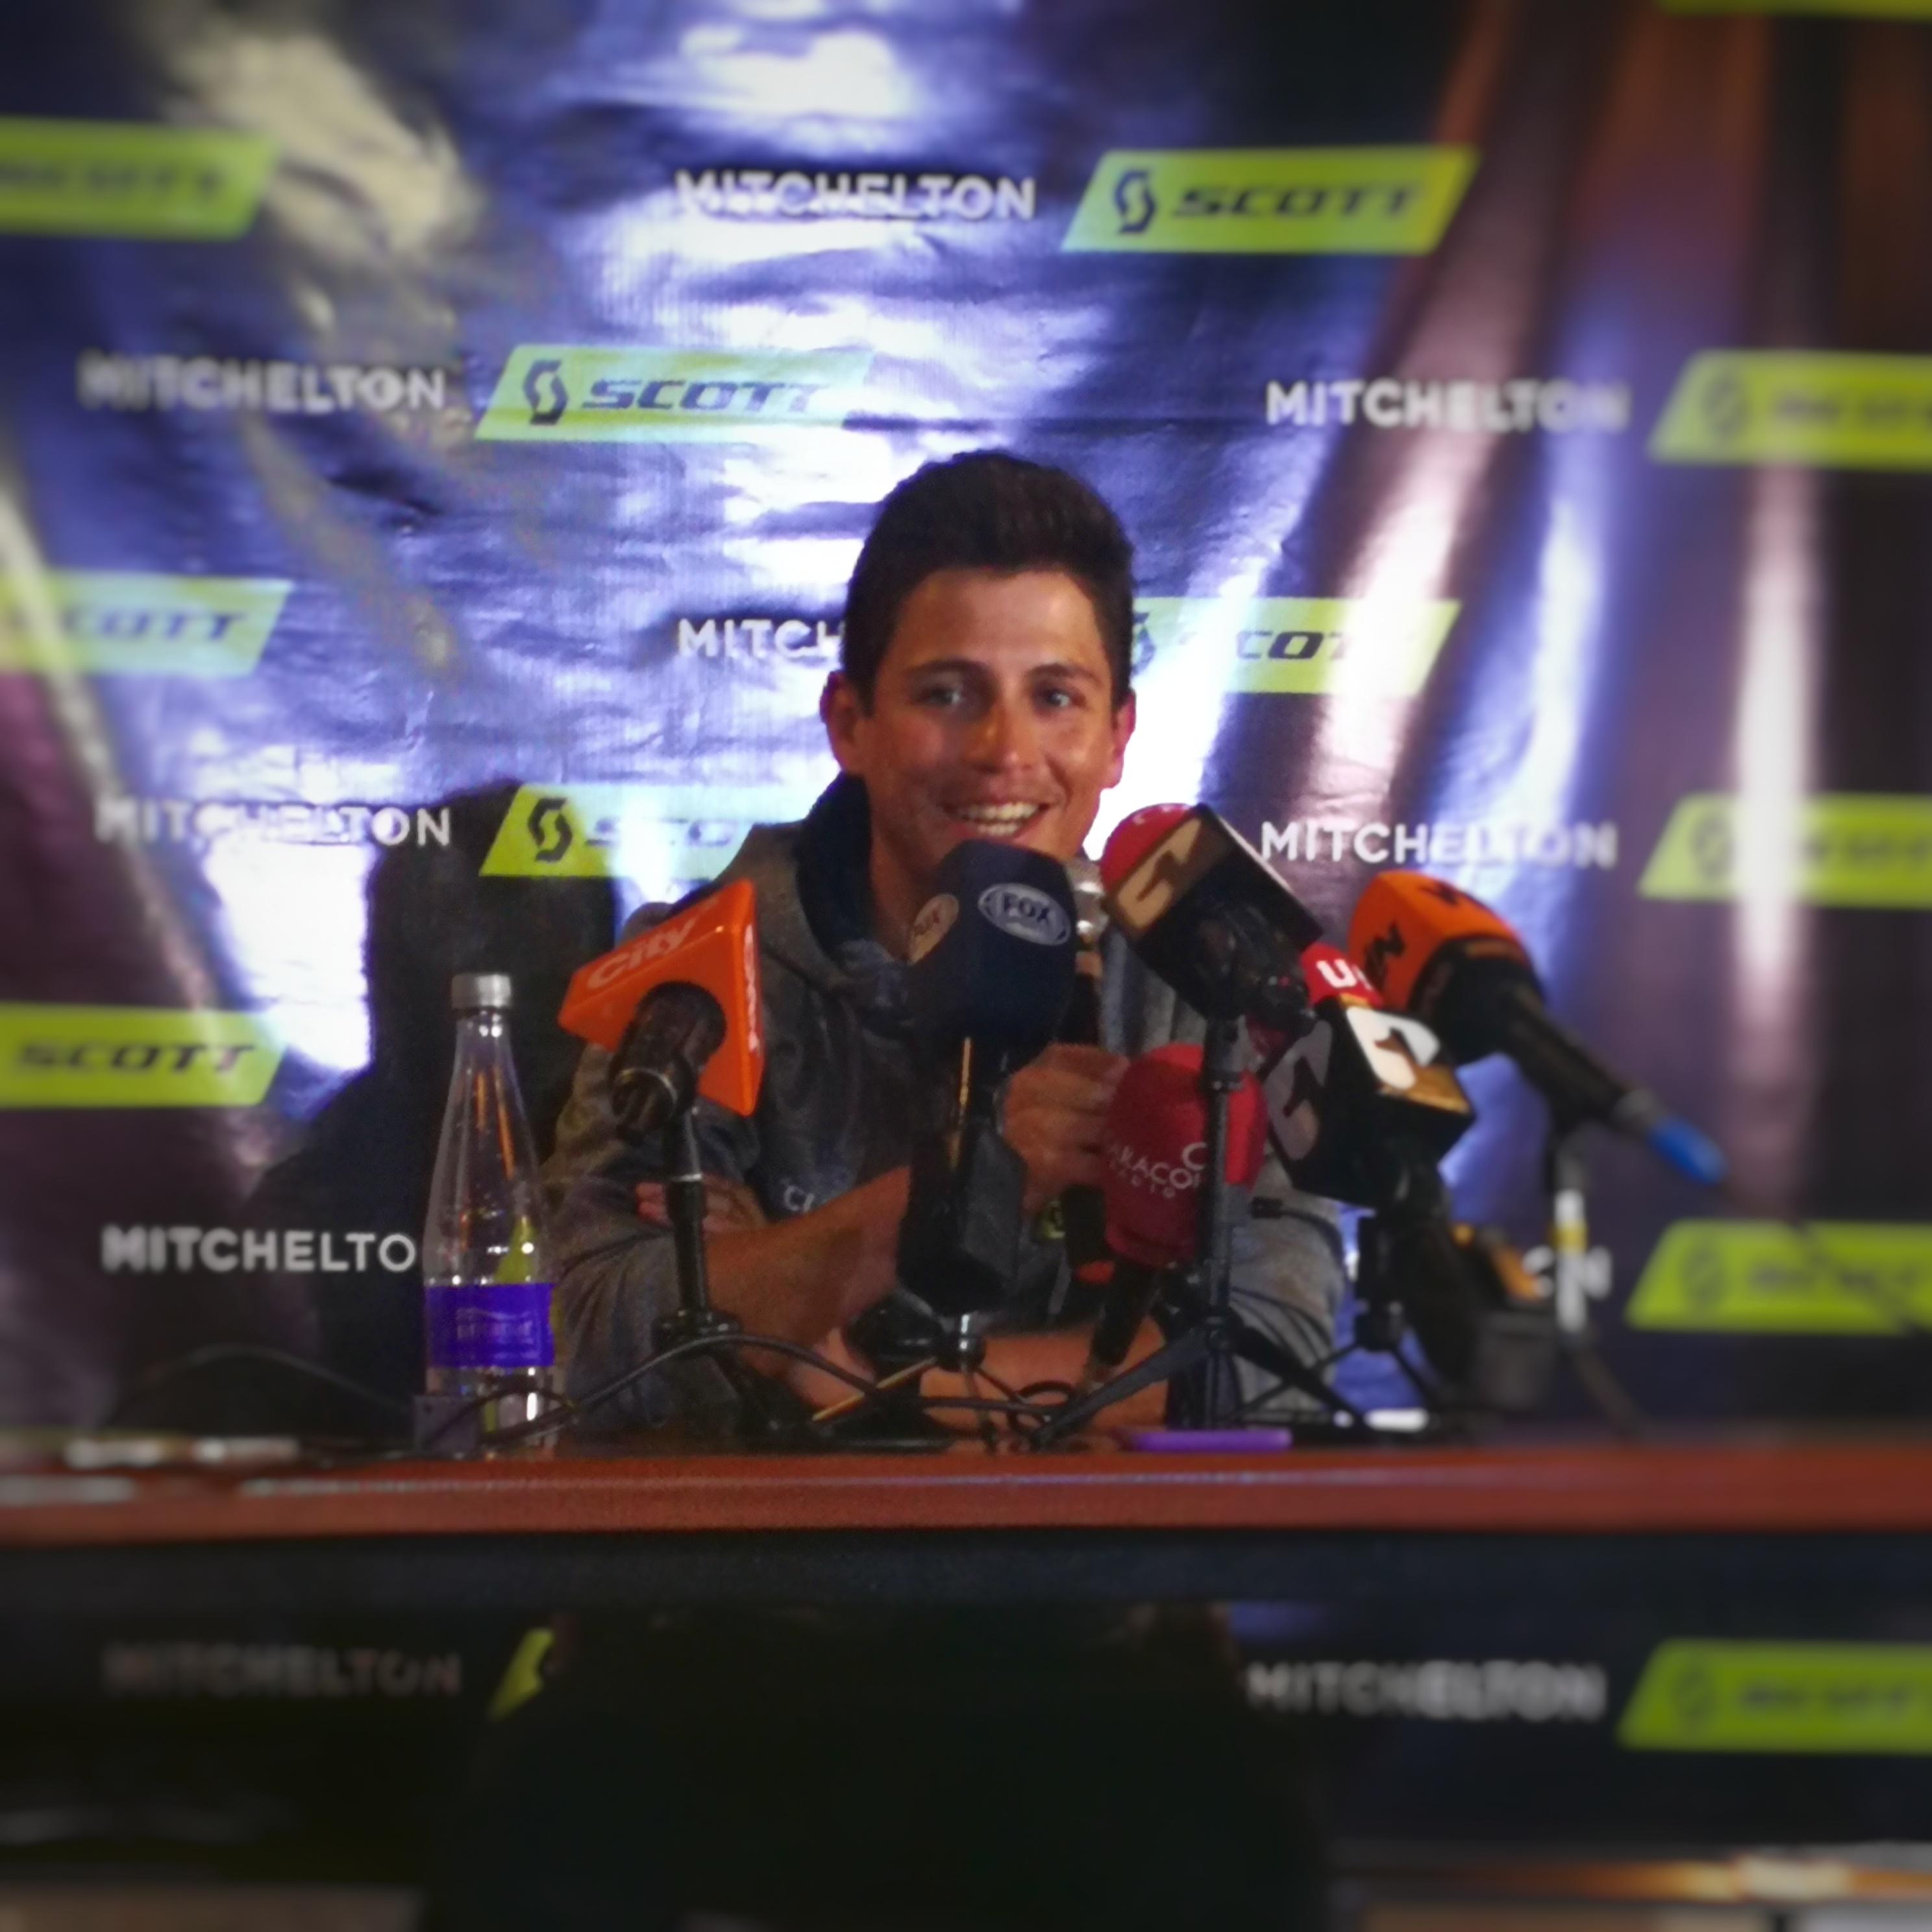 Esteban-Chaves-Ciclista